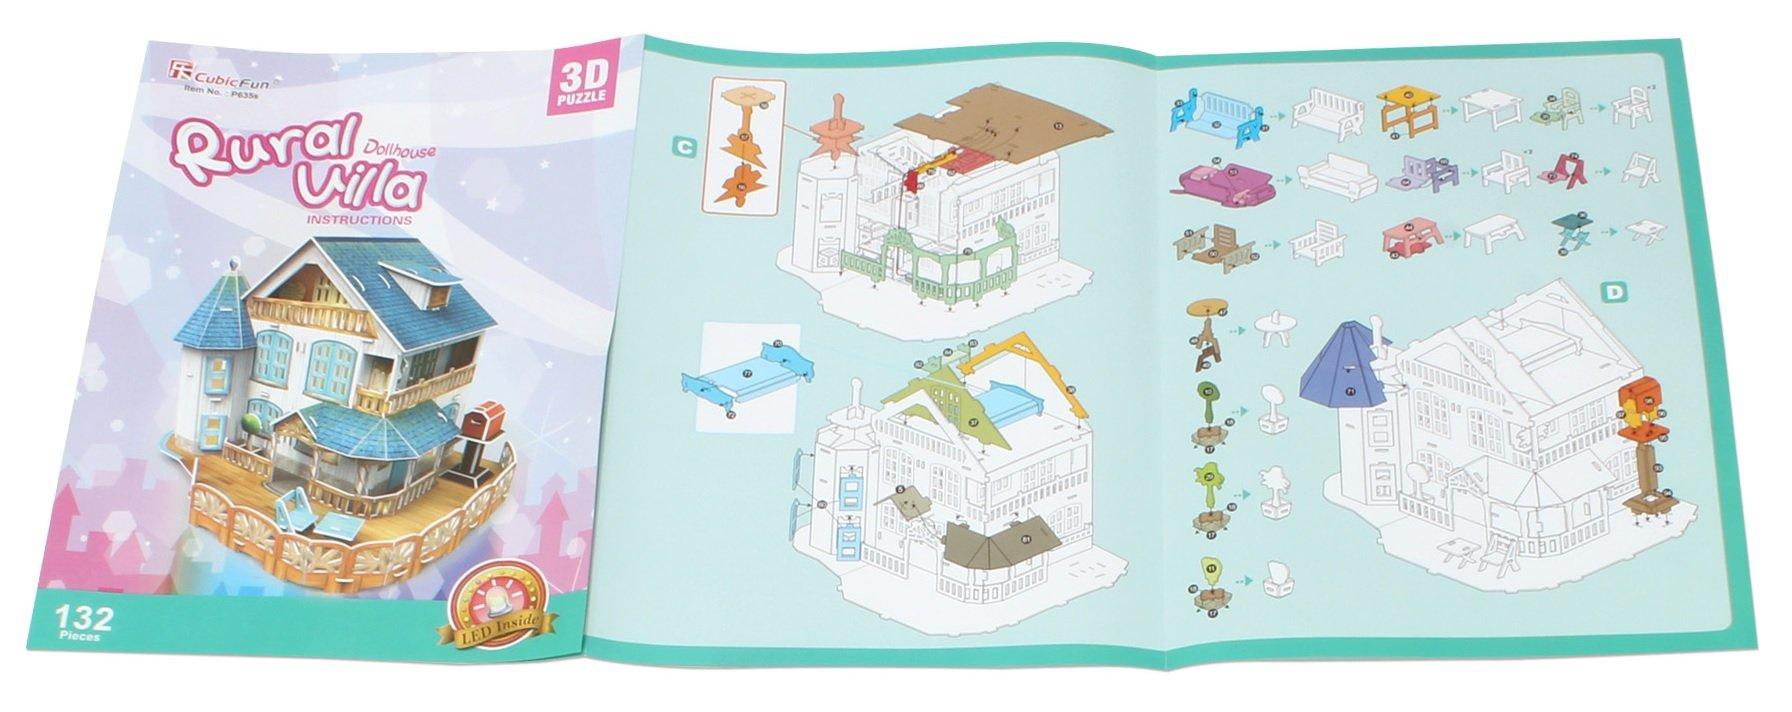 3D Puzzle Place Cubic Classic Rural Villa Dollhouse by 3D Puzzle Place (Image #4)